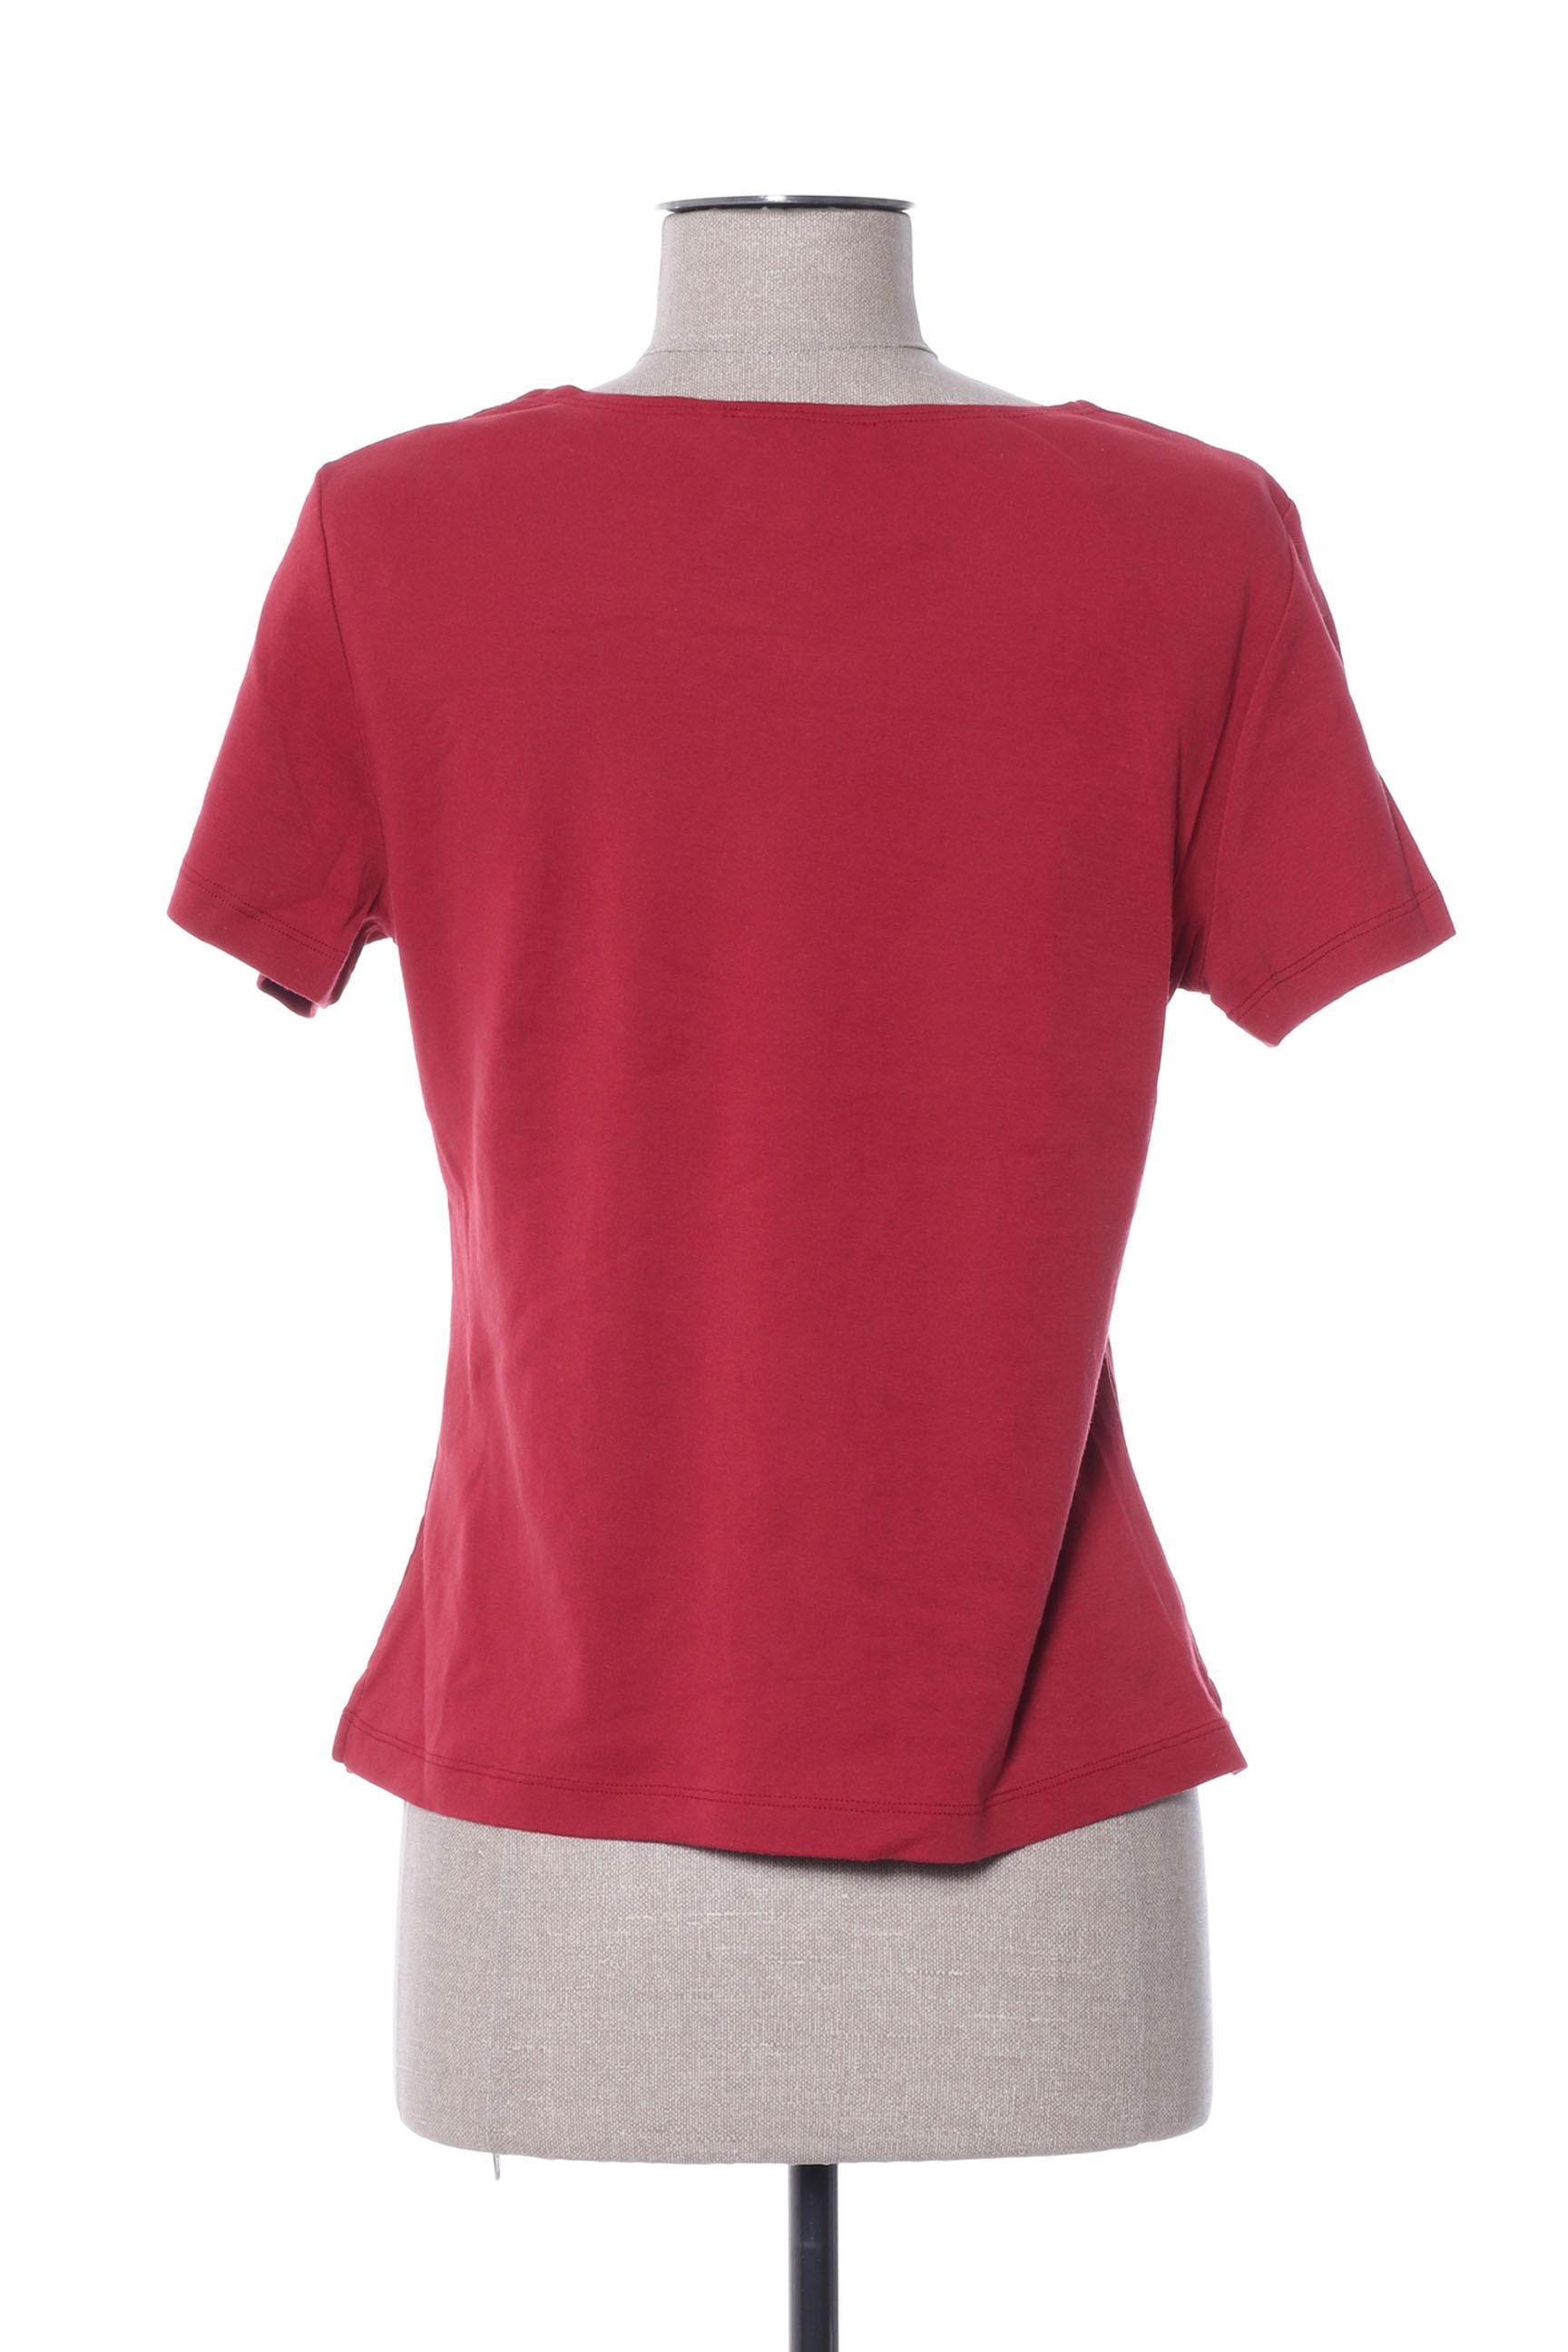 Jac Jac Manches Courtes 1 Femme De Couleur Rouge En Soldes Pas Cher 1406089-rouge0